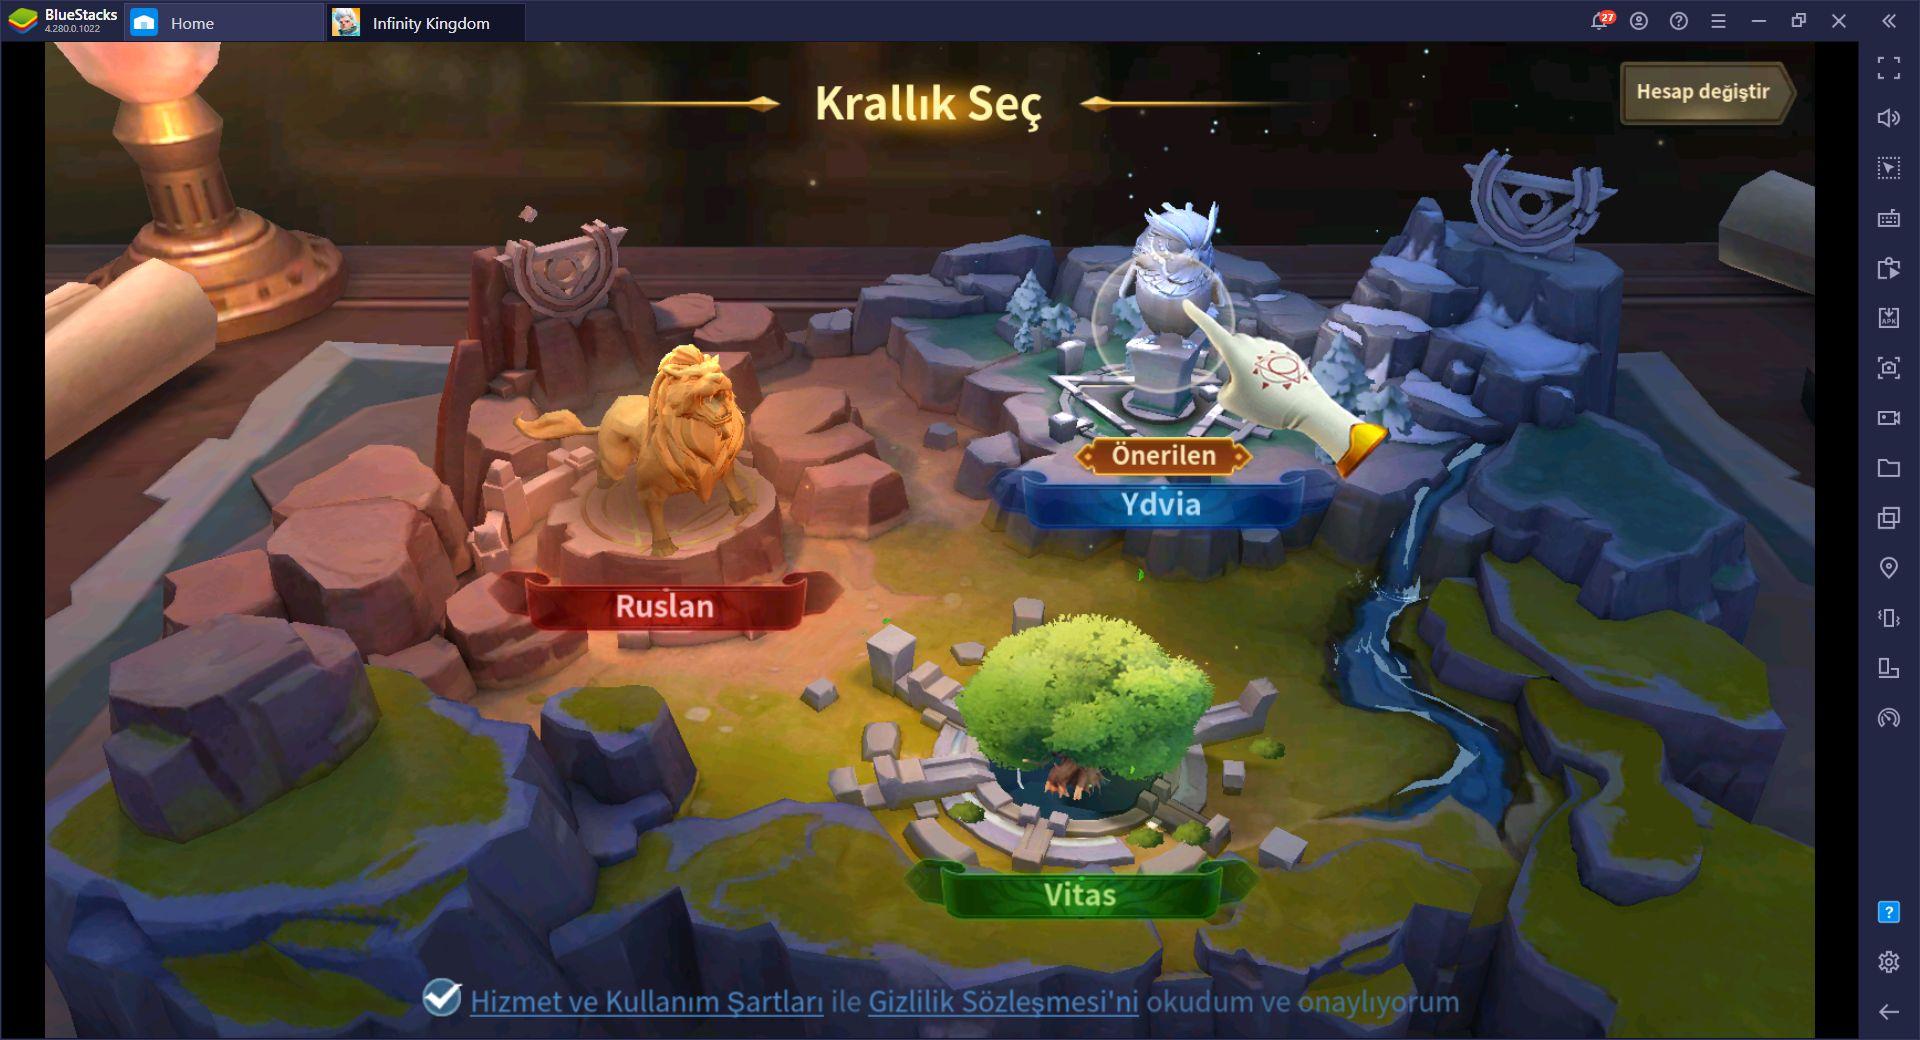 Infinity Kingdom Yeni Başlayanlar Rehberi